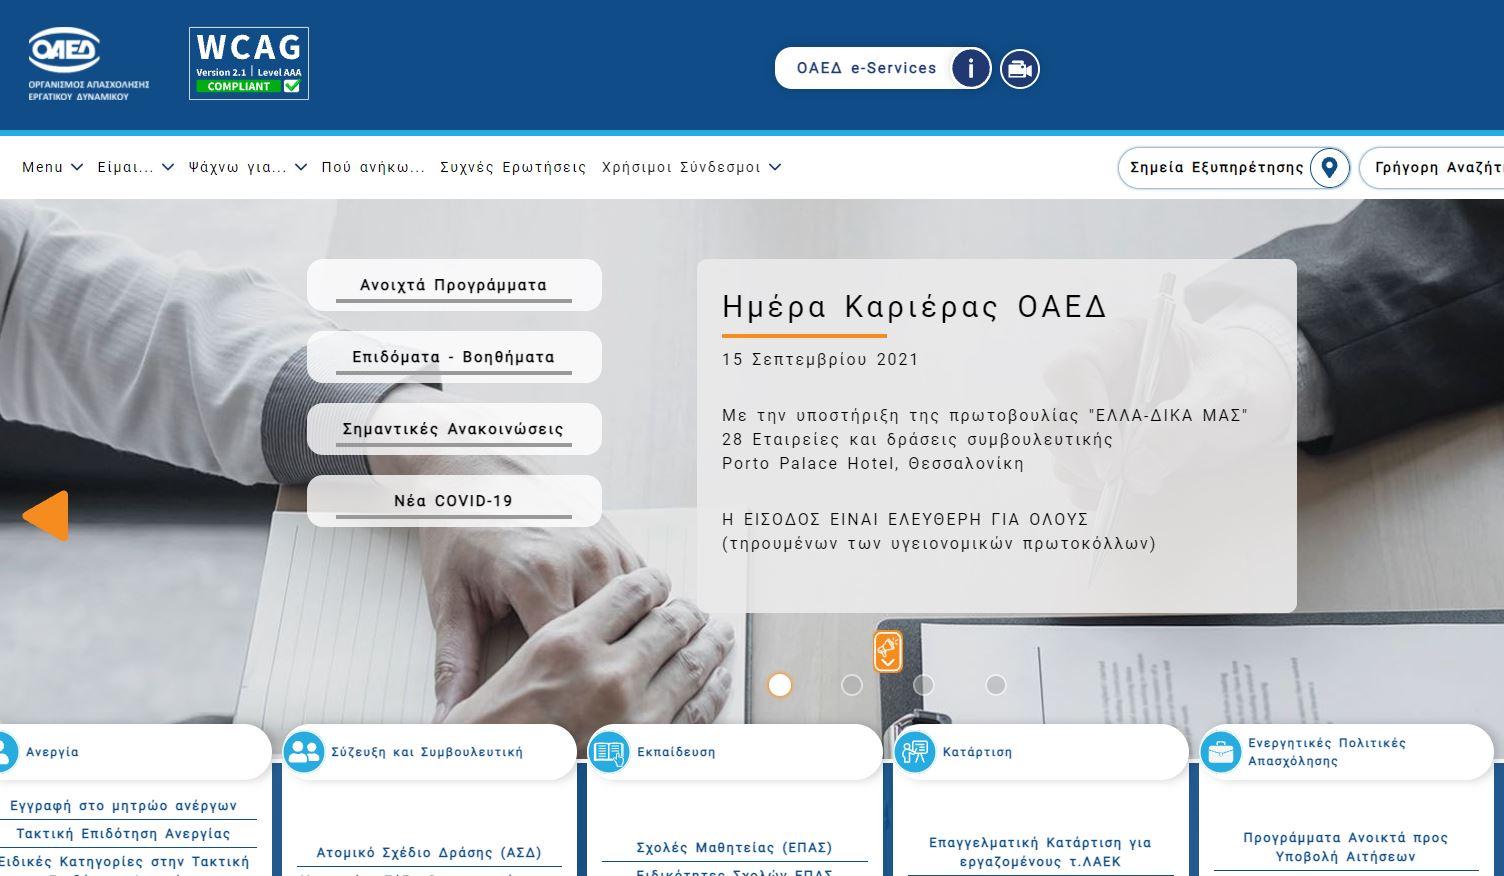 ΟΑΕΔ – Σε λειτουργία η νέα ψηφιακή πλατφόρμα για τα ΑμεΑ